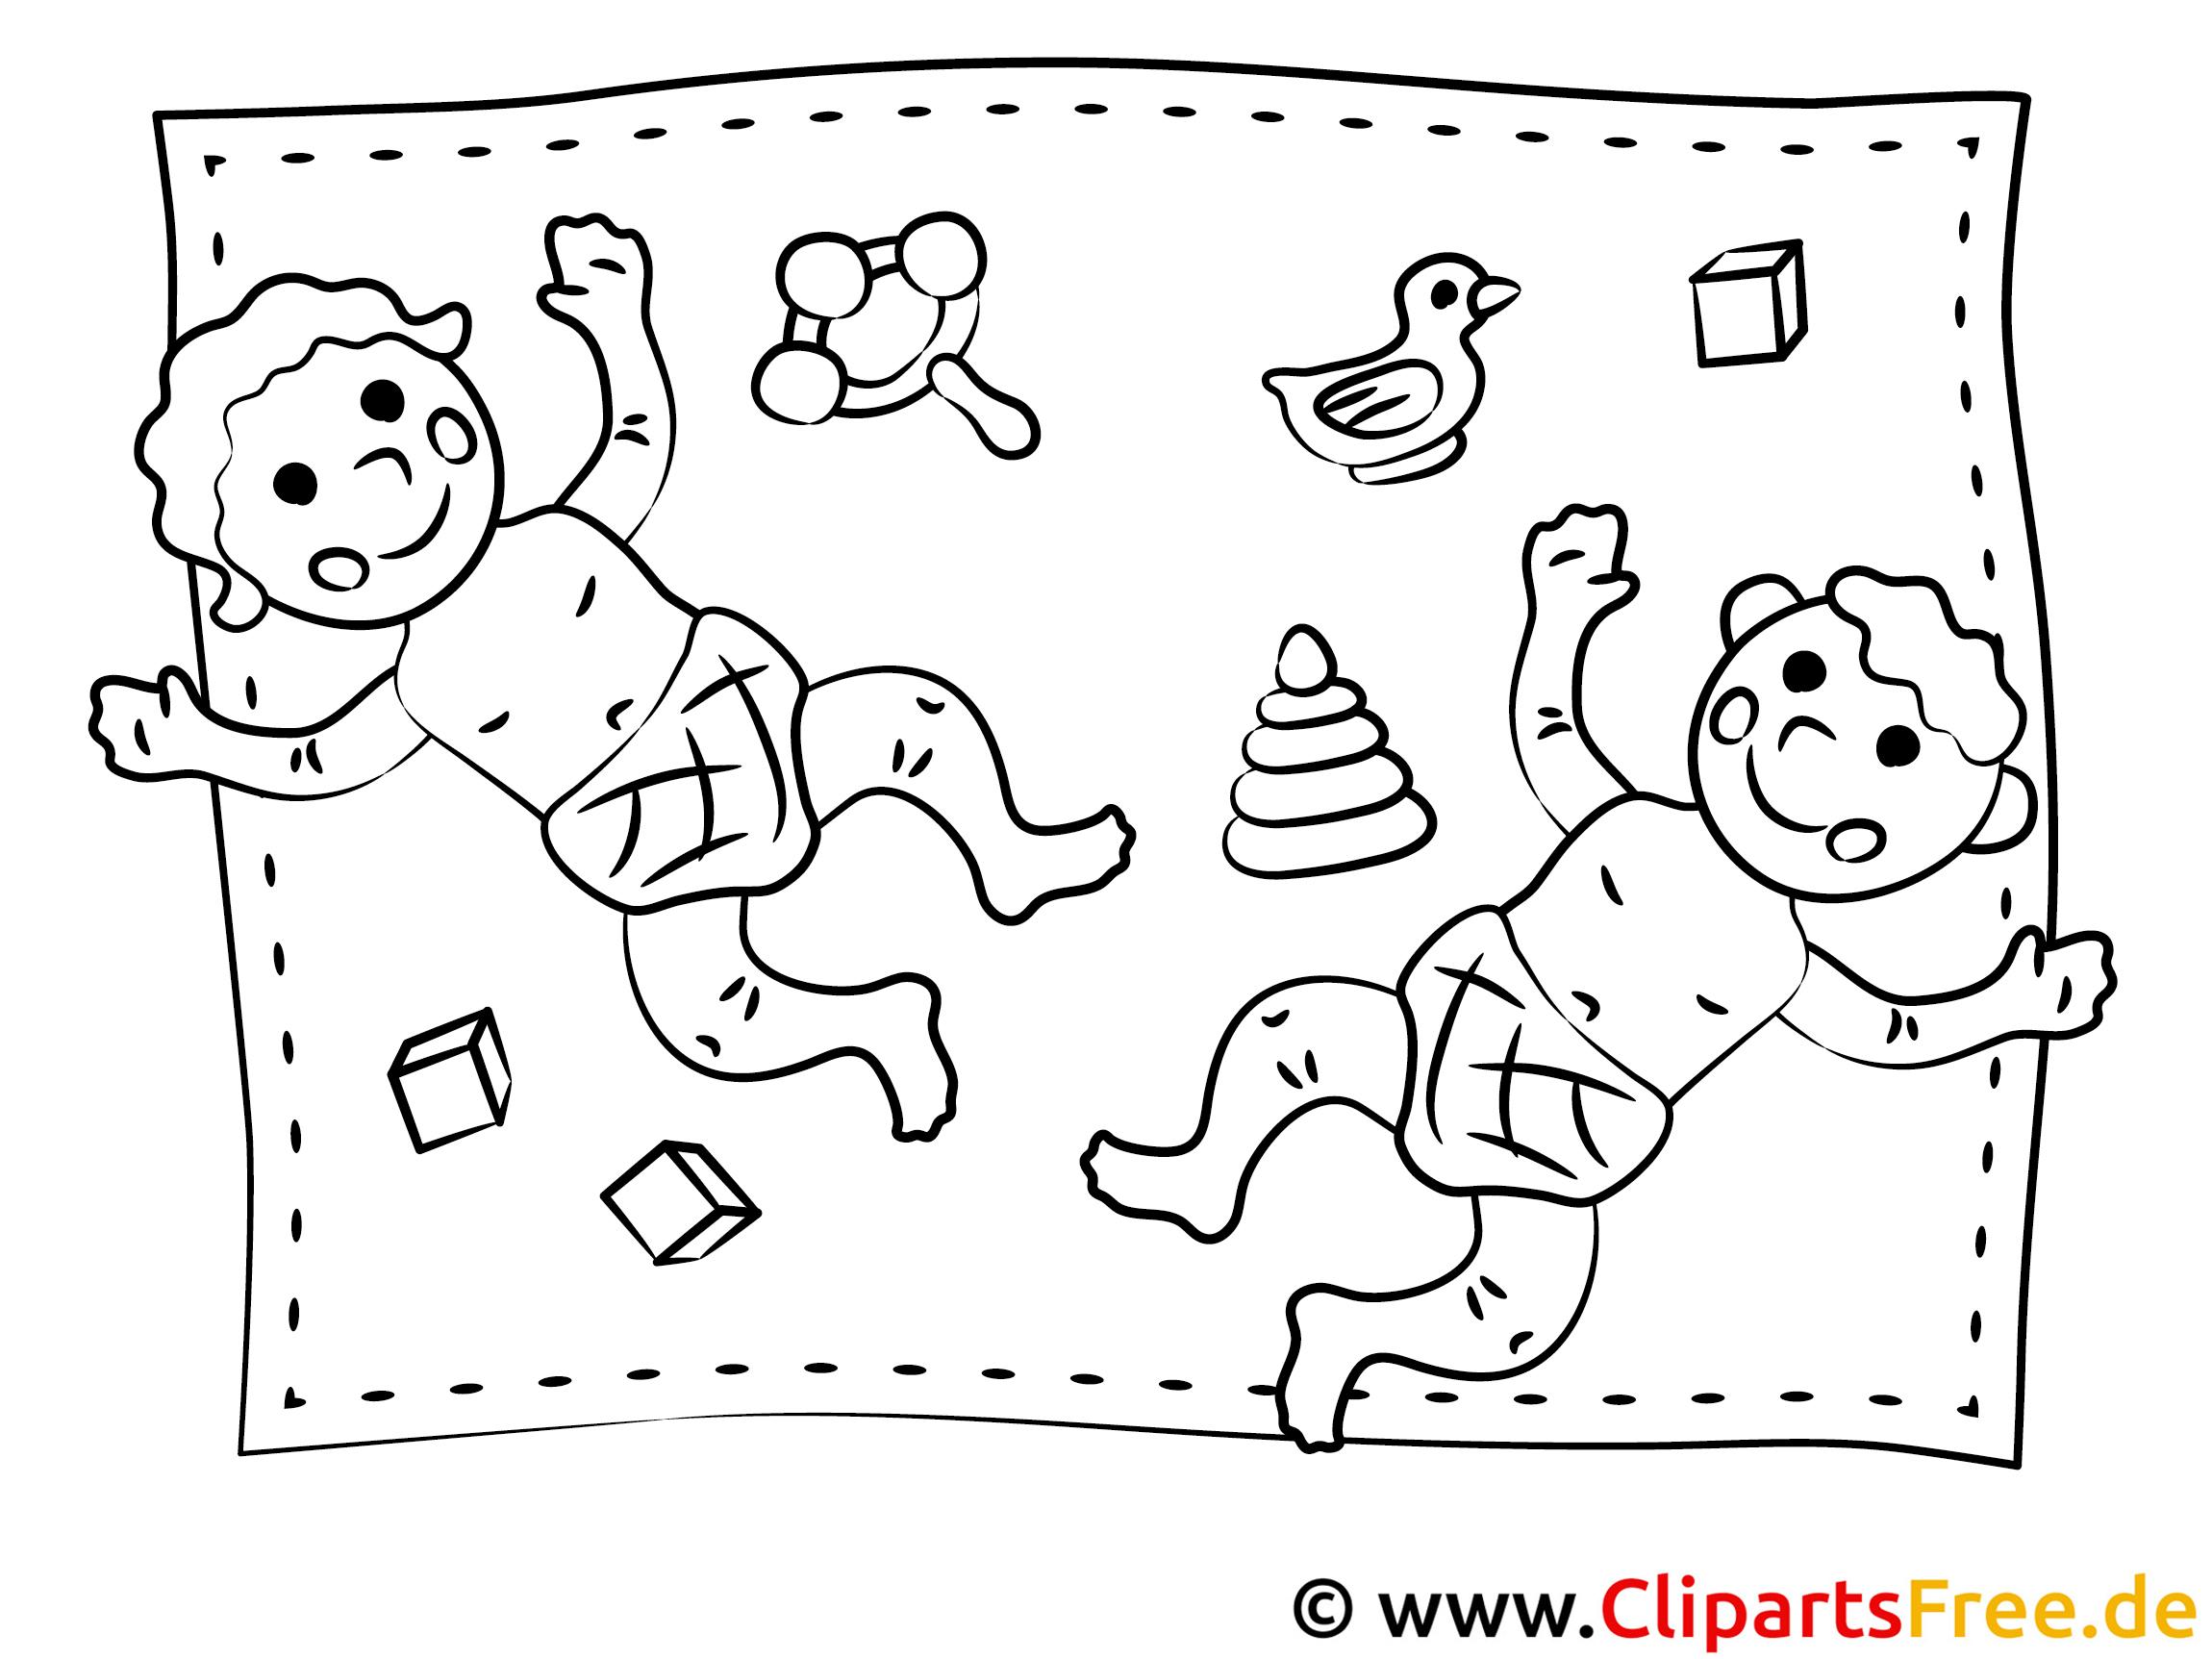 Wunderbar malvorlagen kinder spielen fotos druckbare for Sofa zeichnen kinder